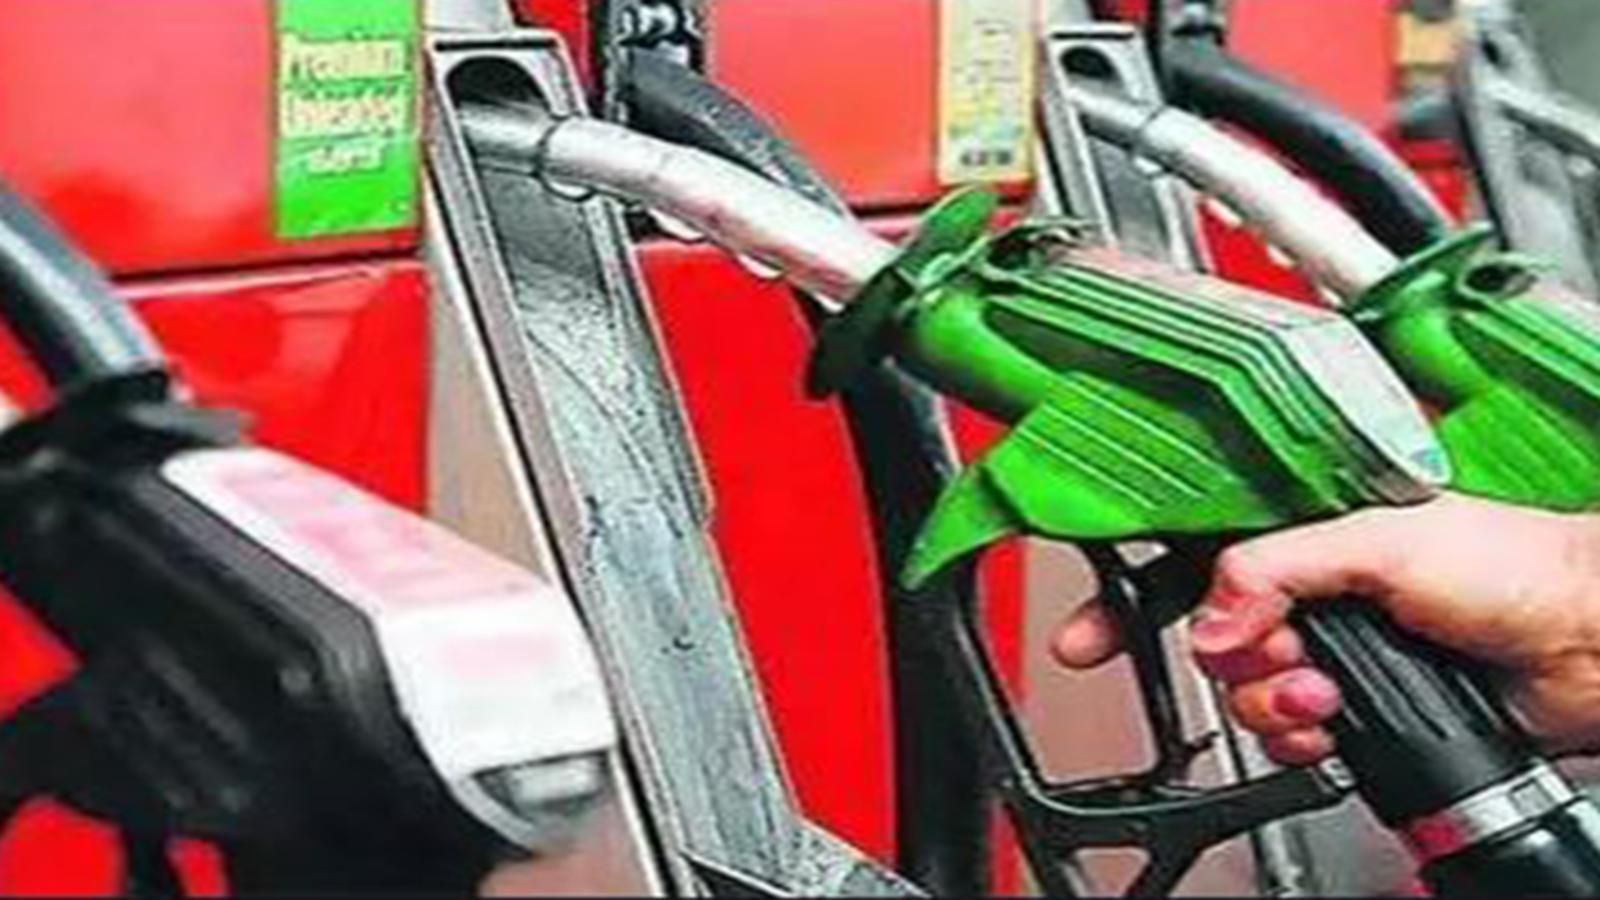 पेट्रोल, डिजेल र मट्टीतेलको मुल्य बढ्यो